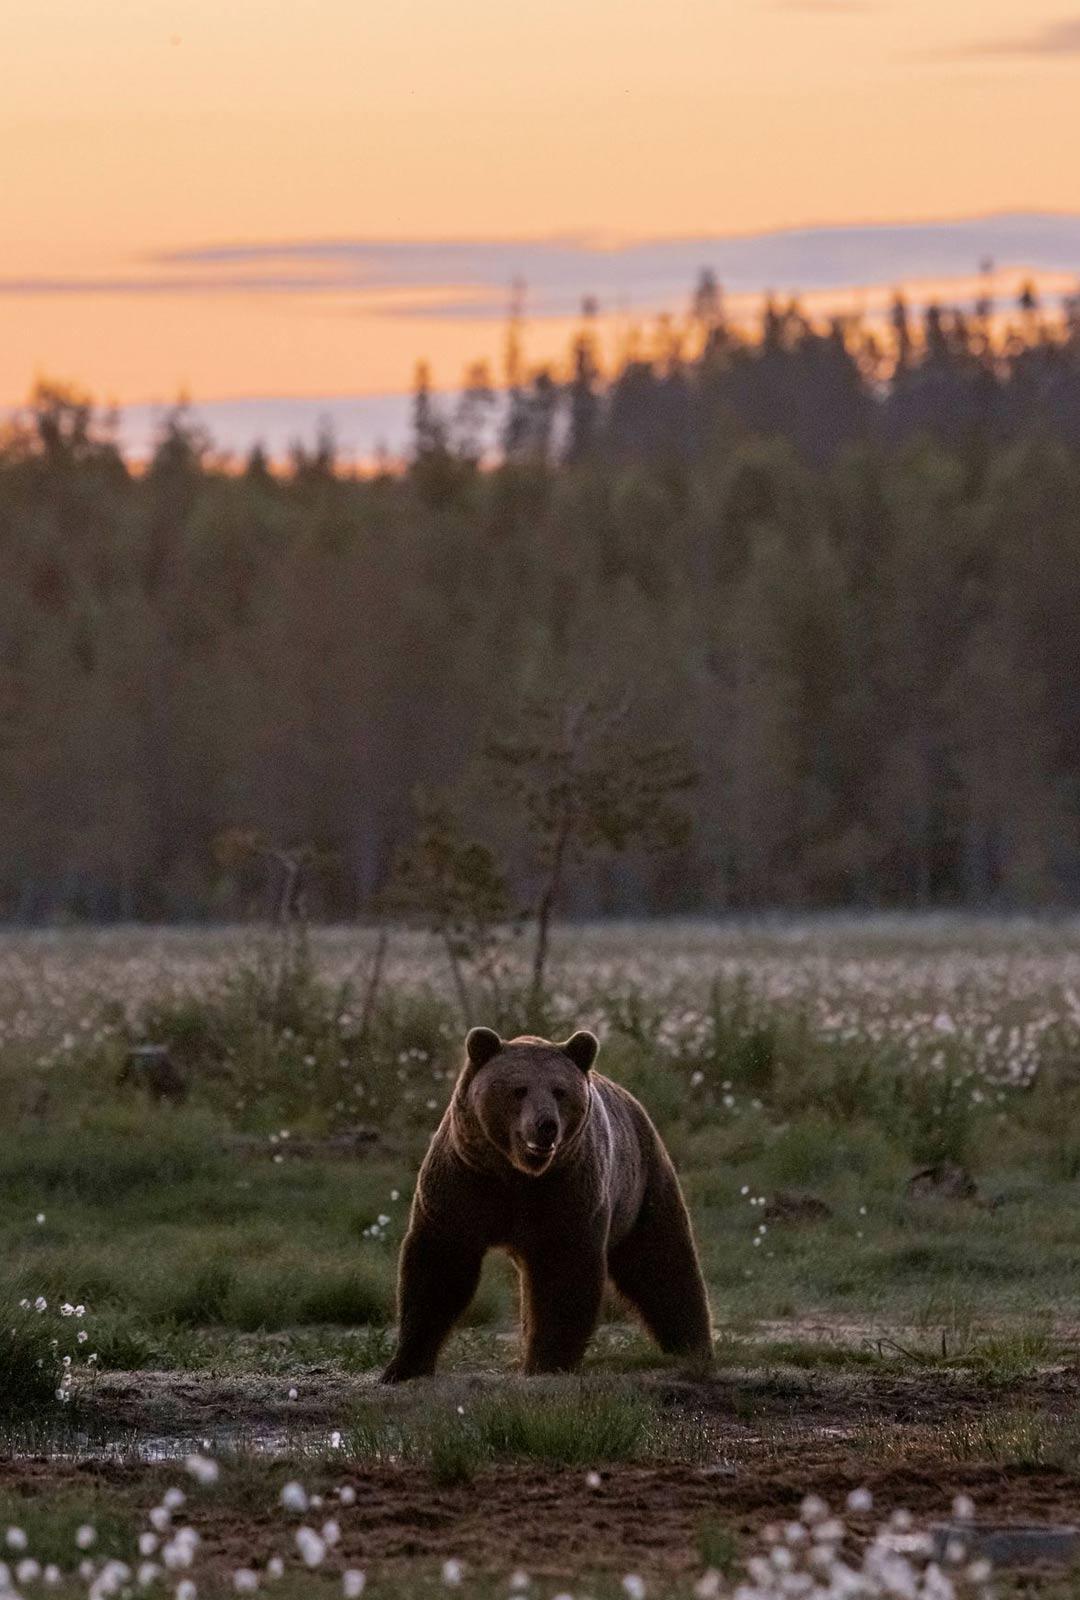 Kun karhu on syönyt itsensä kylläiseksi, se katoaa metsän siimekseen, pois saapuvan myrskyn alta.